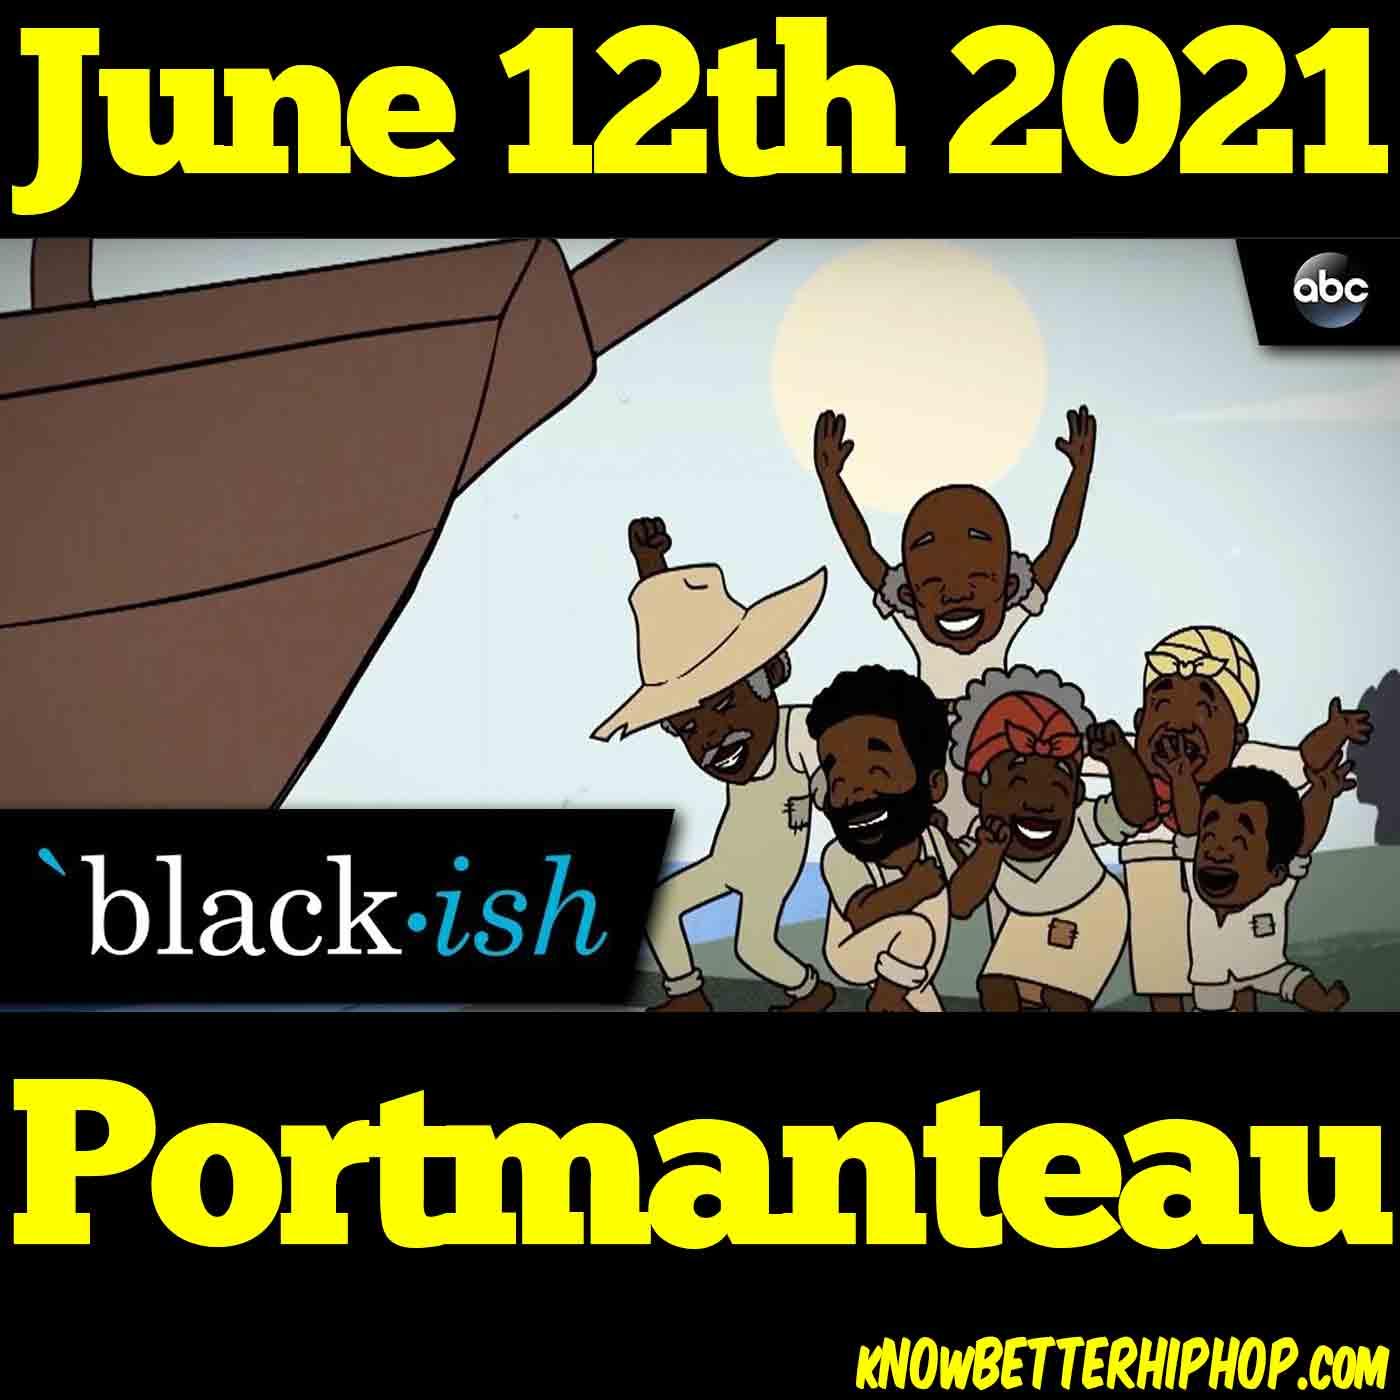 6-12-21 OUR show Portmanteau